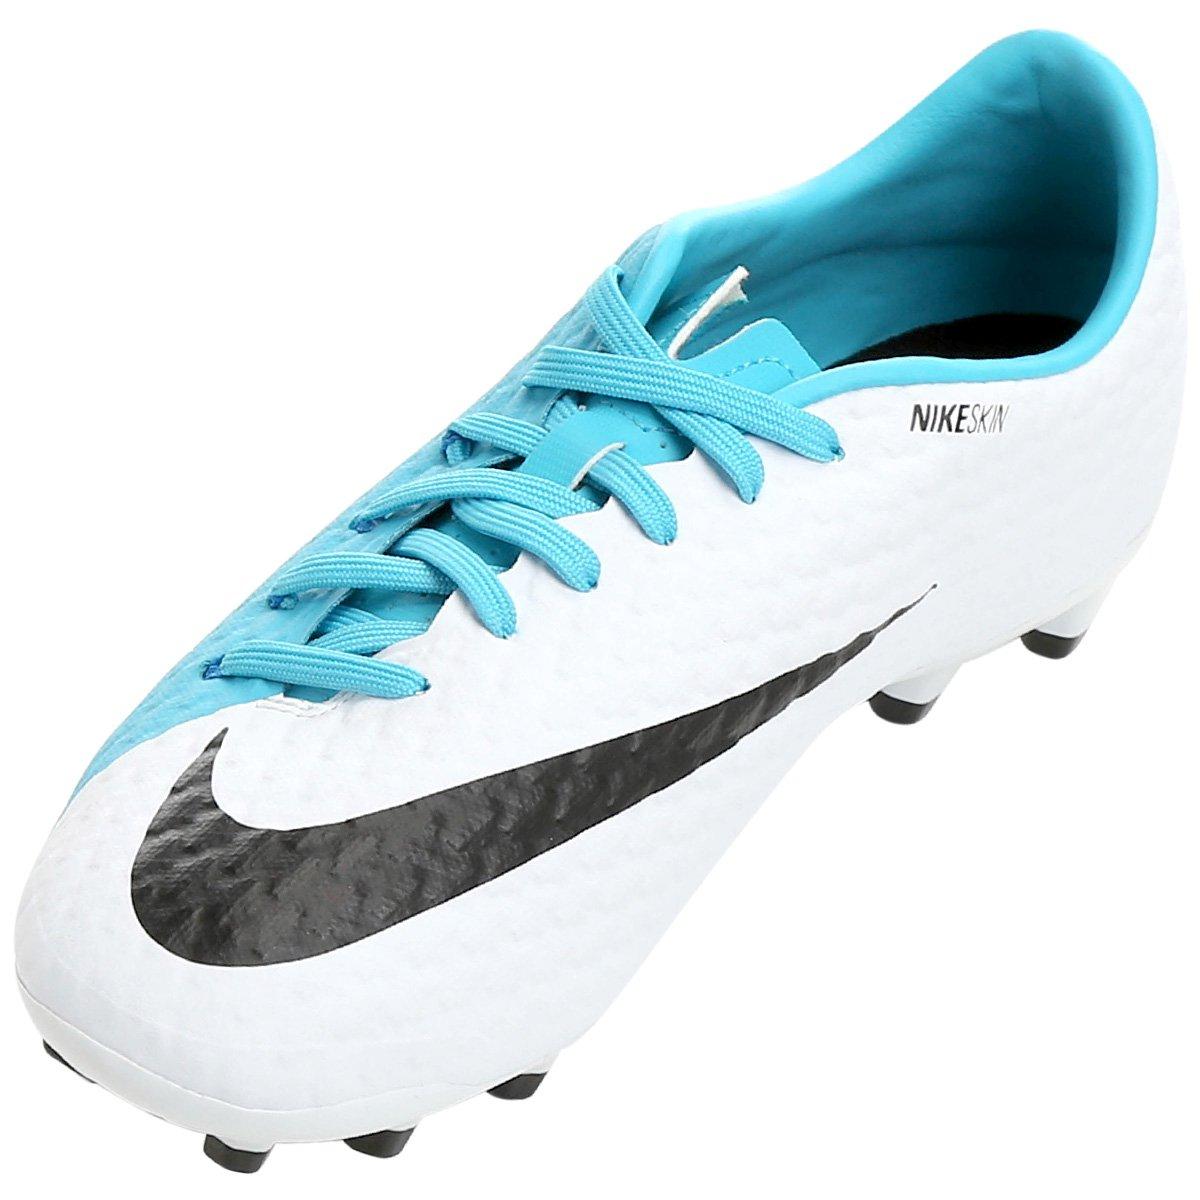 d989435404 Chuteira Campo Nike Hypervenom Phelon 3 FG - Branco e Azul - Compre ...